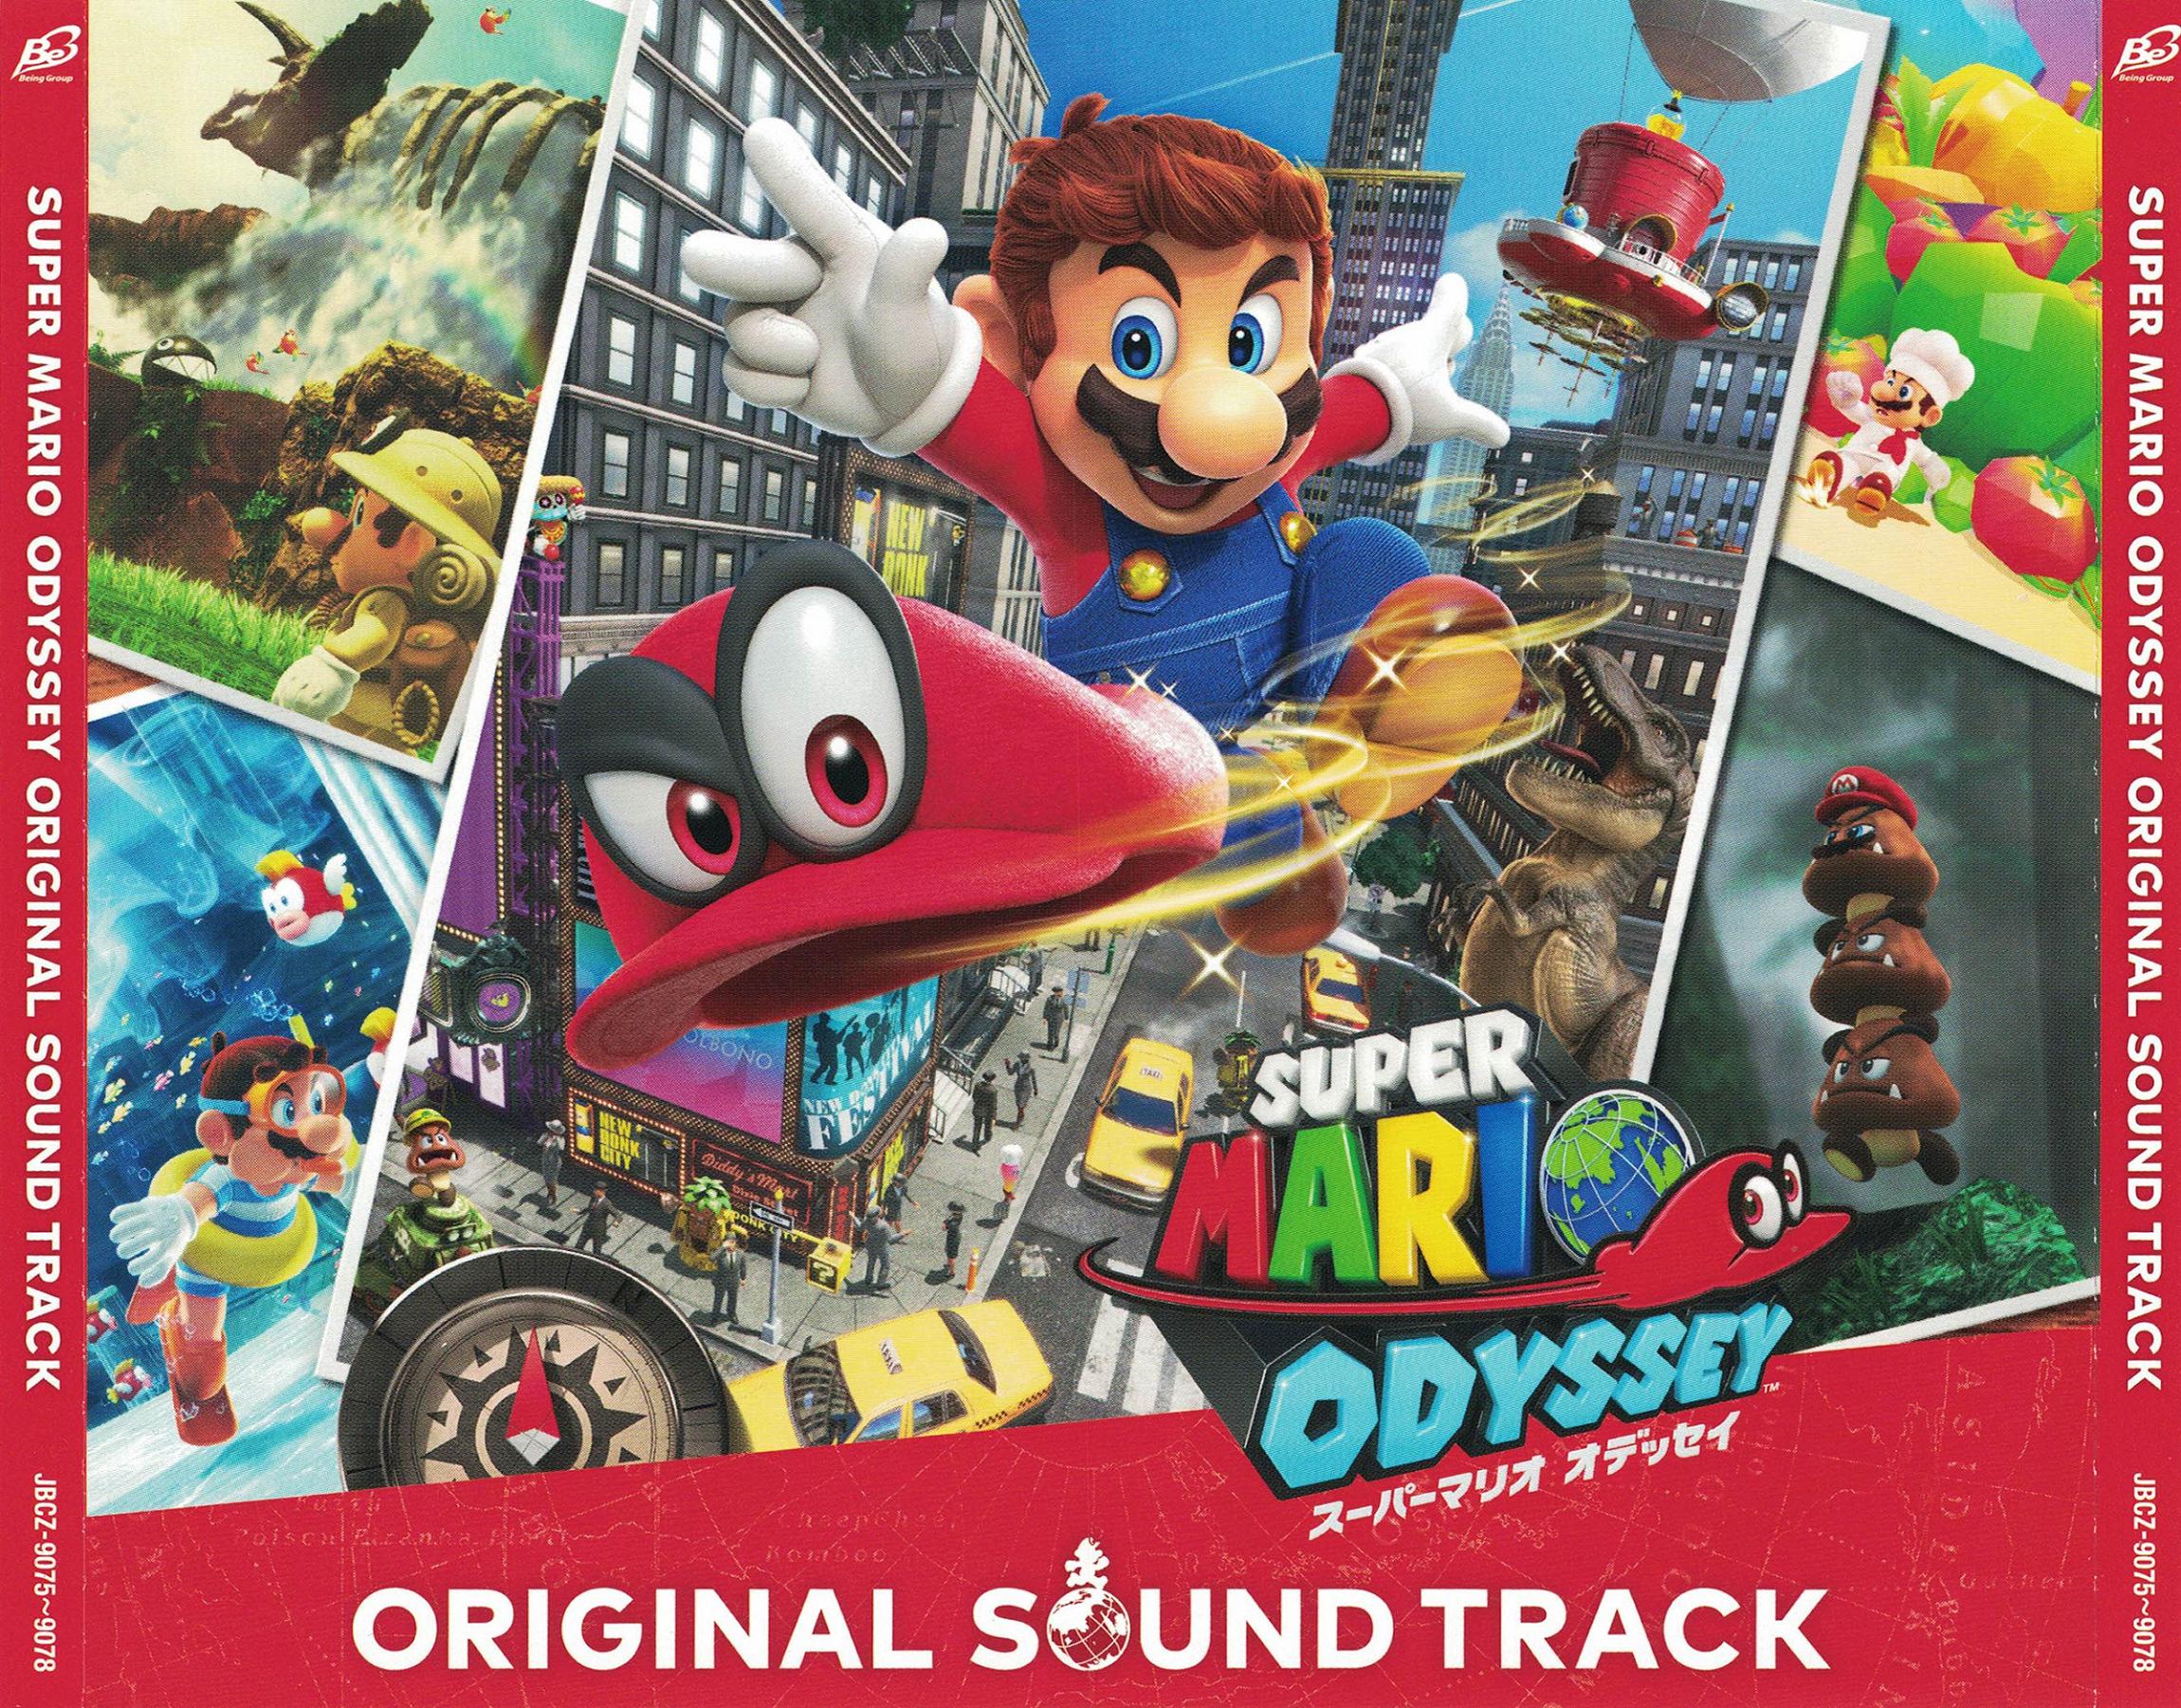 Super Mario Odyssey Original Sound Track